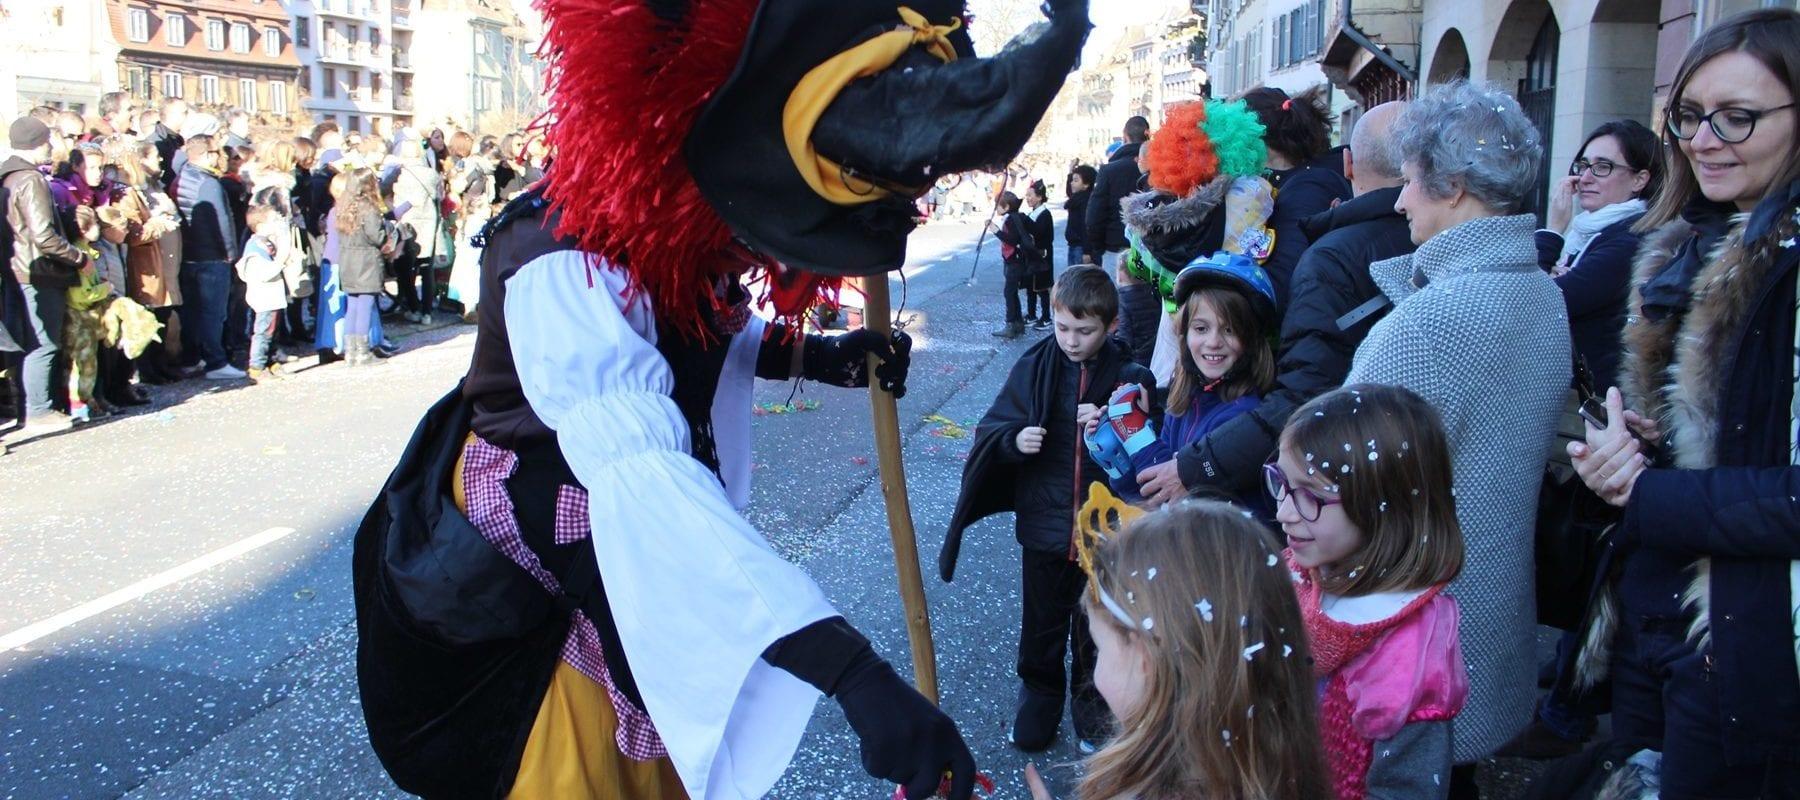 [Annulé] Dimanche à 14h11, le Carnaval des Monstres chimères et carabistouilles